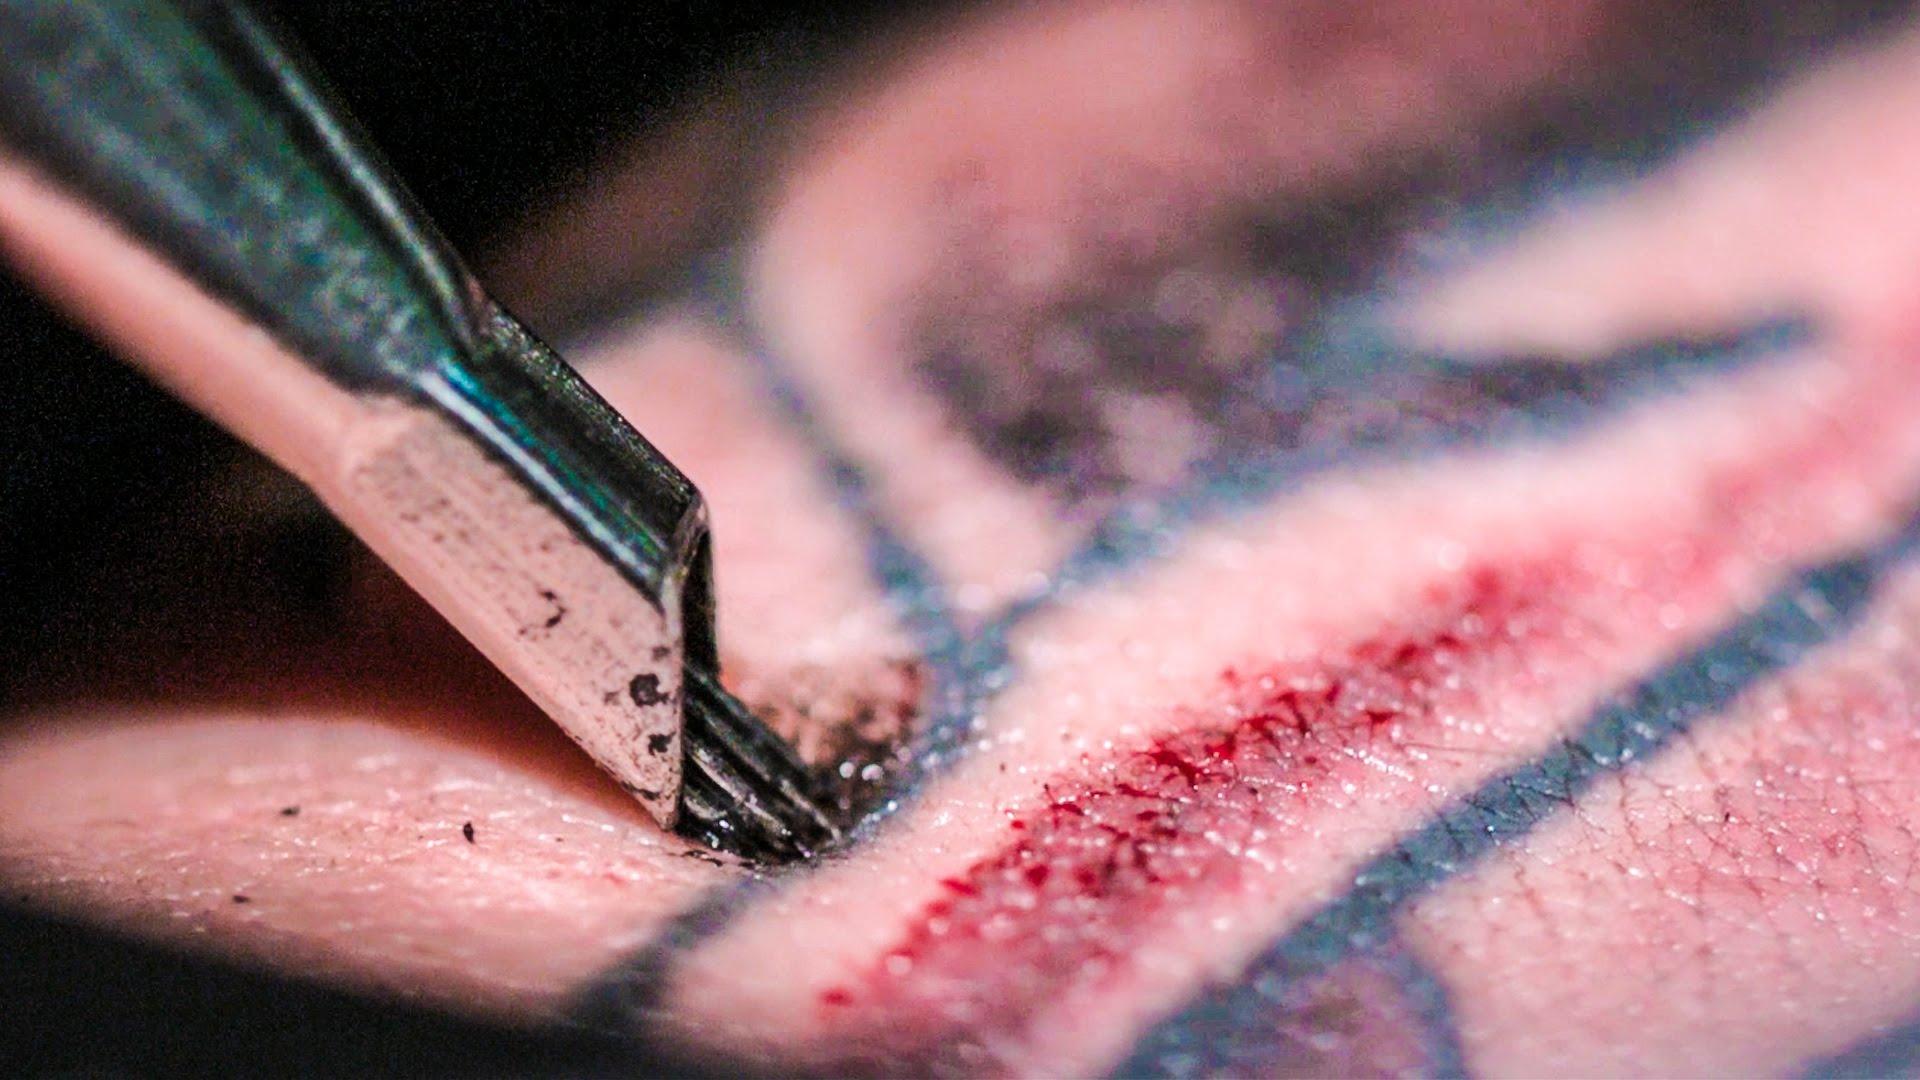 Tautaż i maszynka do tatuażu z bliska wideo